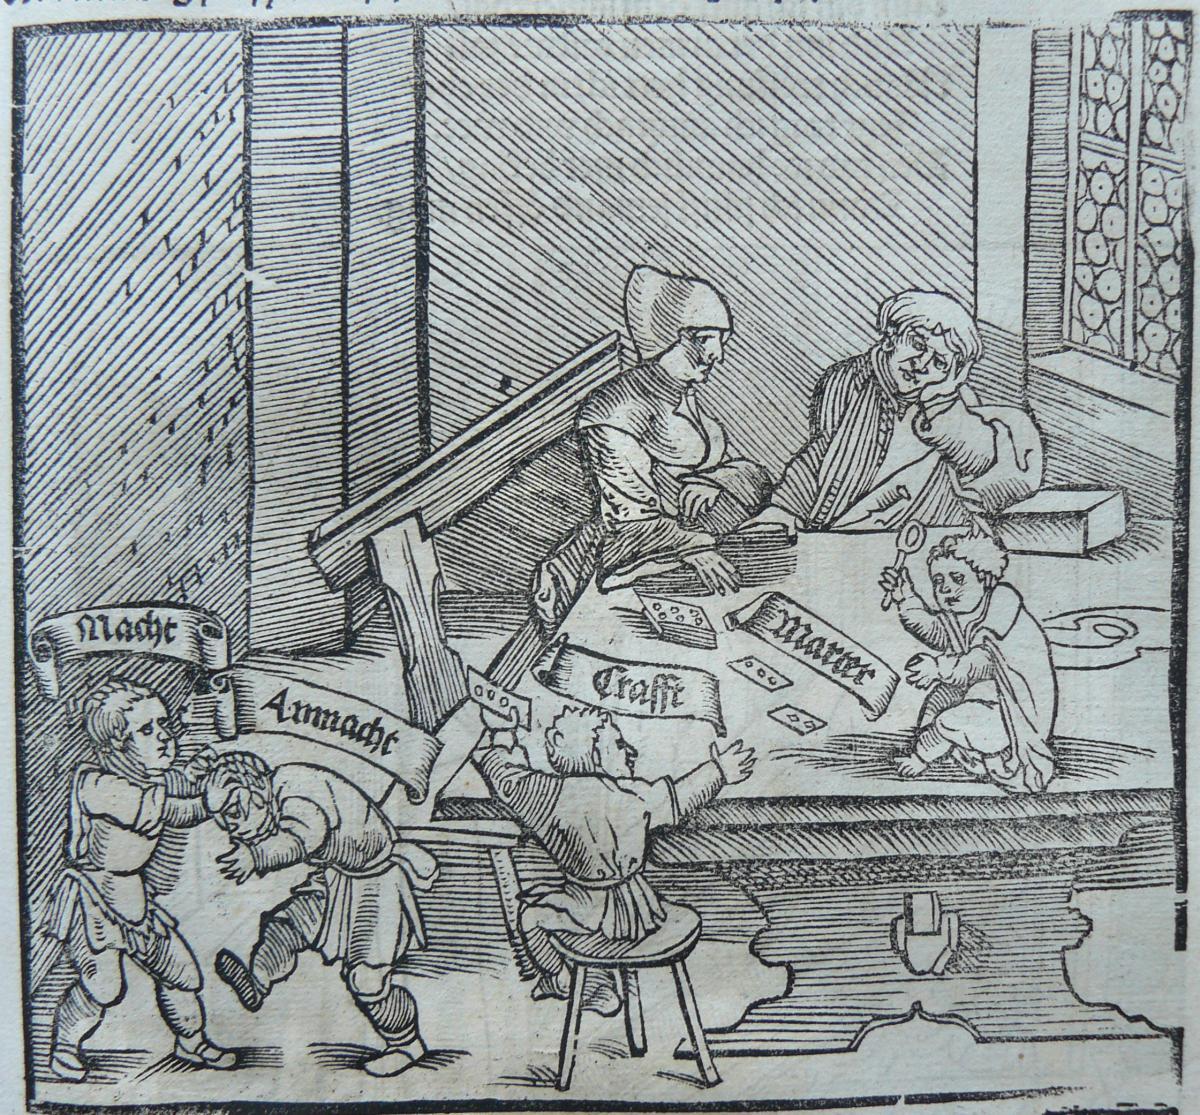 Der teütsch Cicero. Augsburg, 1535., 123v. Forrás: Országos Széchényi Könyvtár, Régi Nyomtatványok Tára